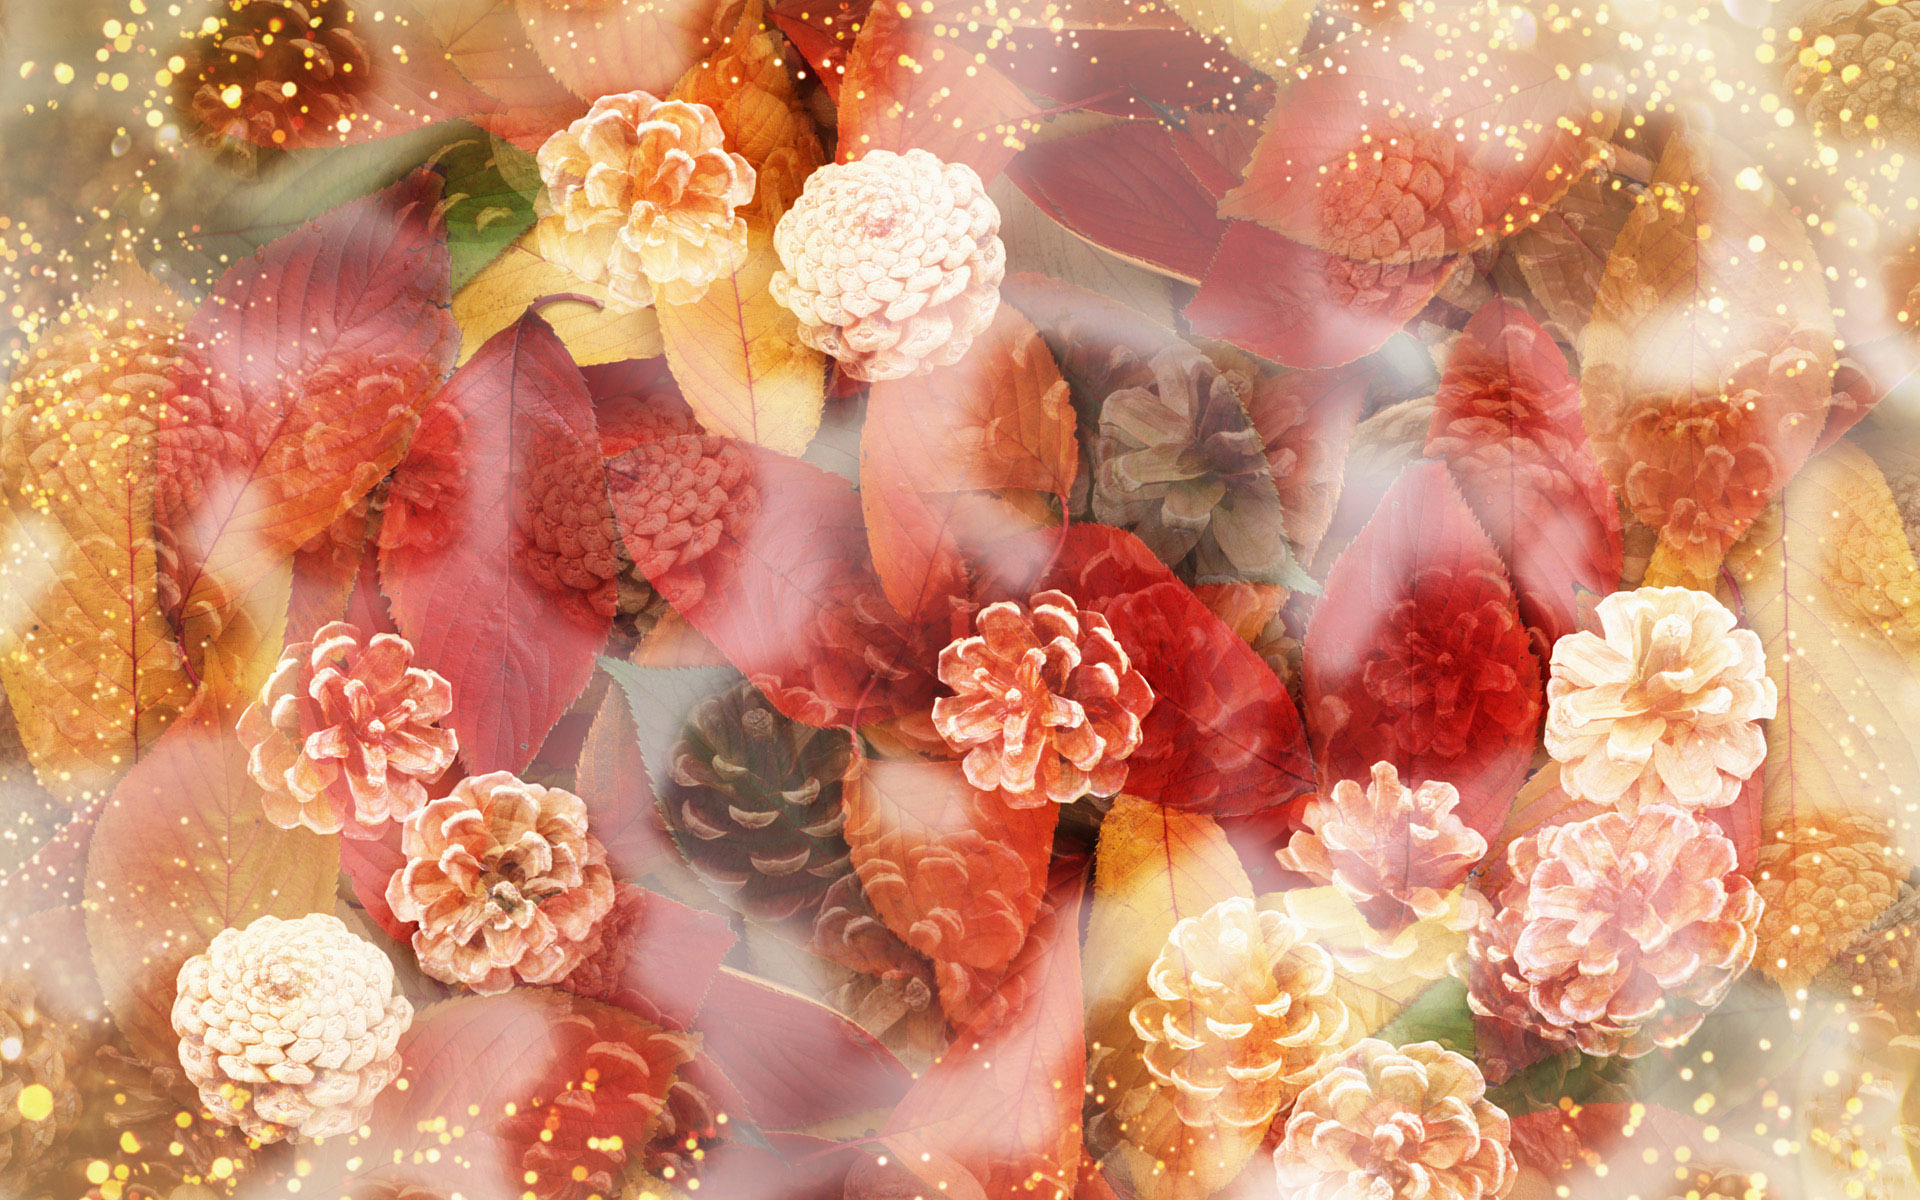 壁纸1920×1200朦胧花朵柔美 宽屏壁纸 壁纸7壁纸 朦胧花朵柔美 宽屏壁壁纸图片系统壁纸系统图片素材桌面壁纸